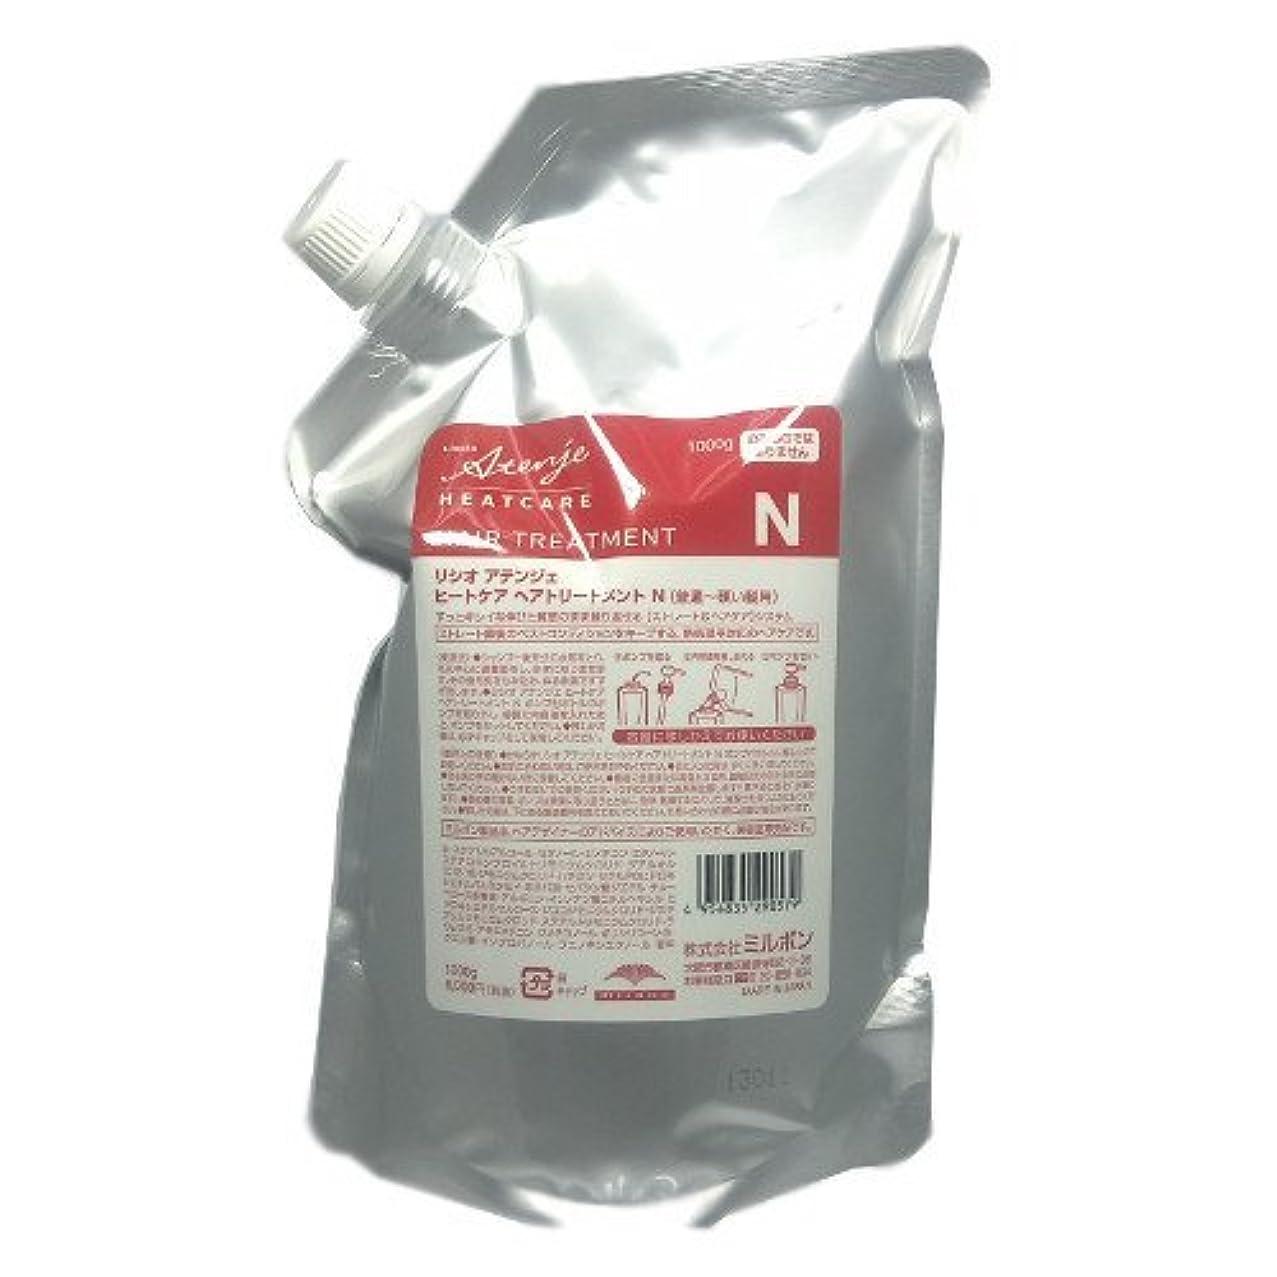 すり減る長老順応性のあるミルボン リシオ アテンジェ ヒートケア ヘアトリートメント N 1000g 詰替え用